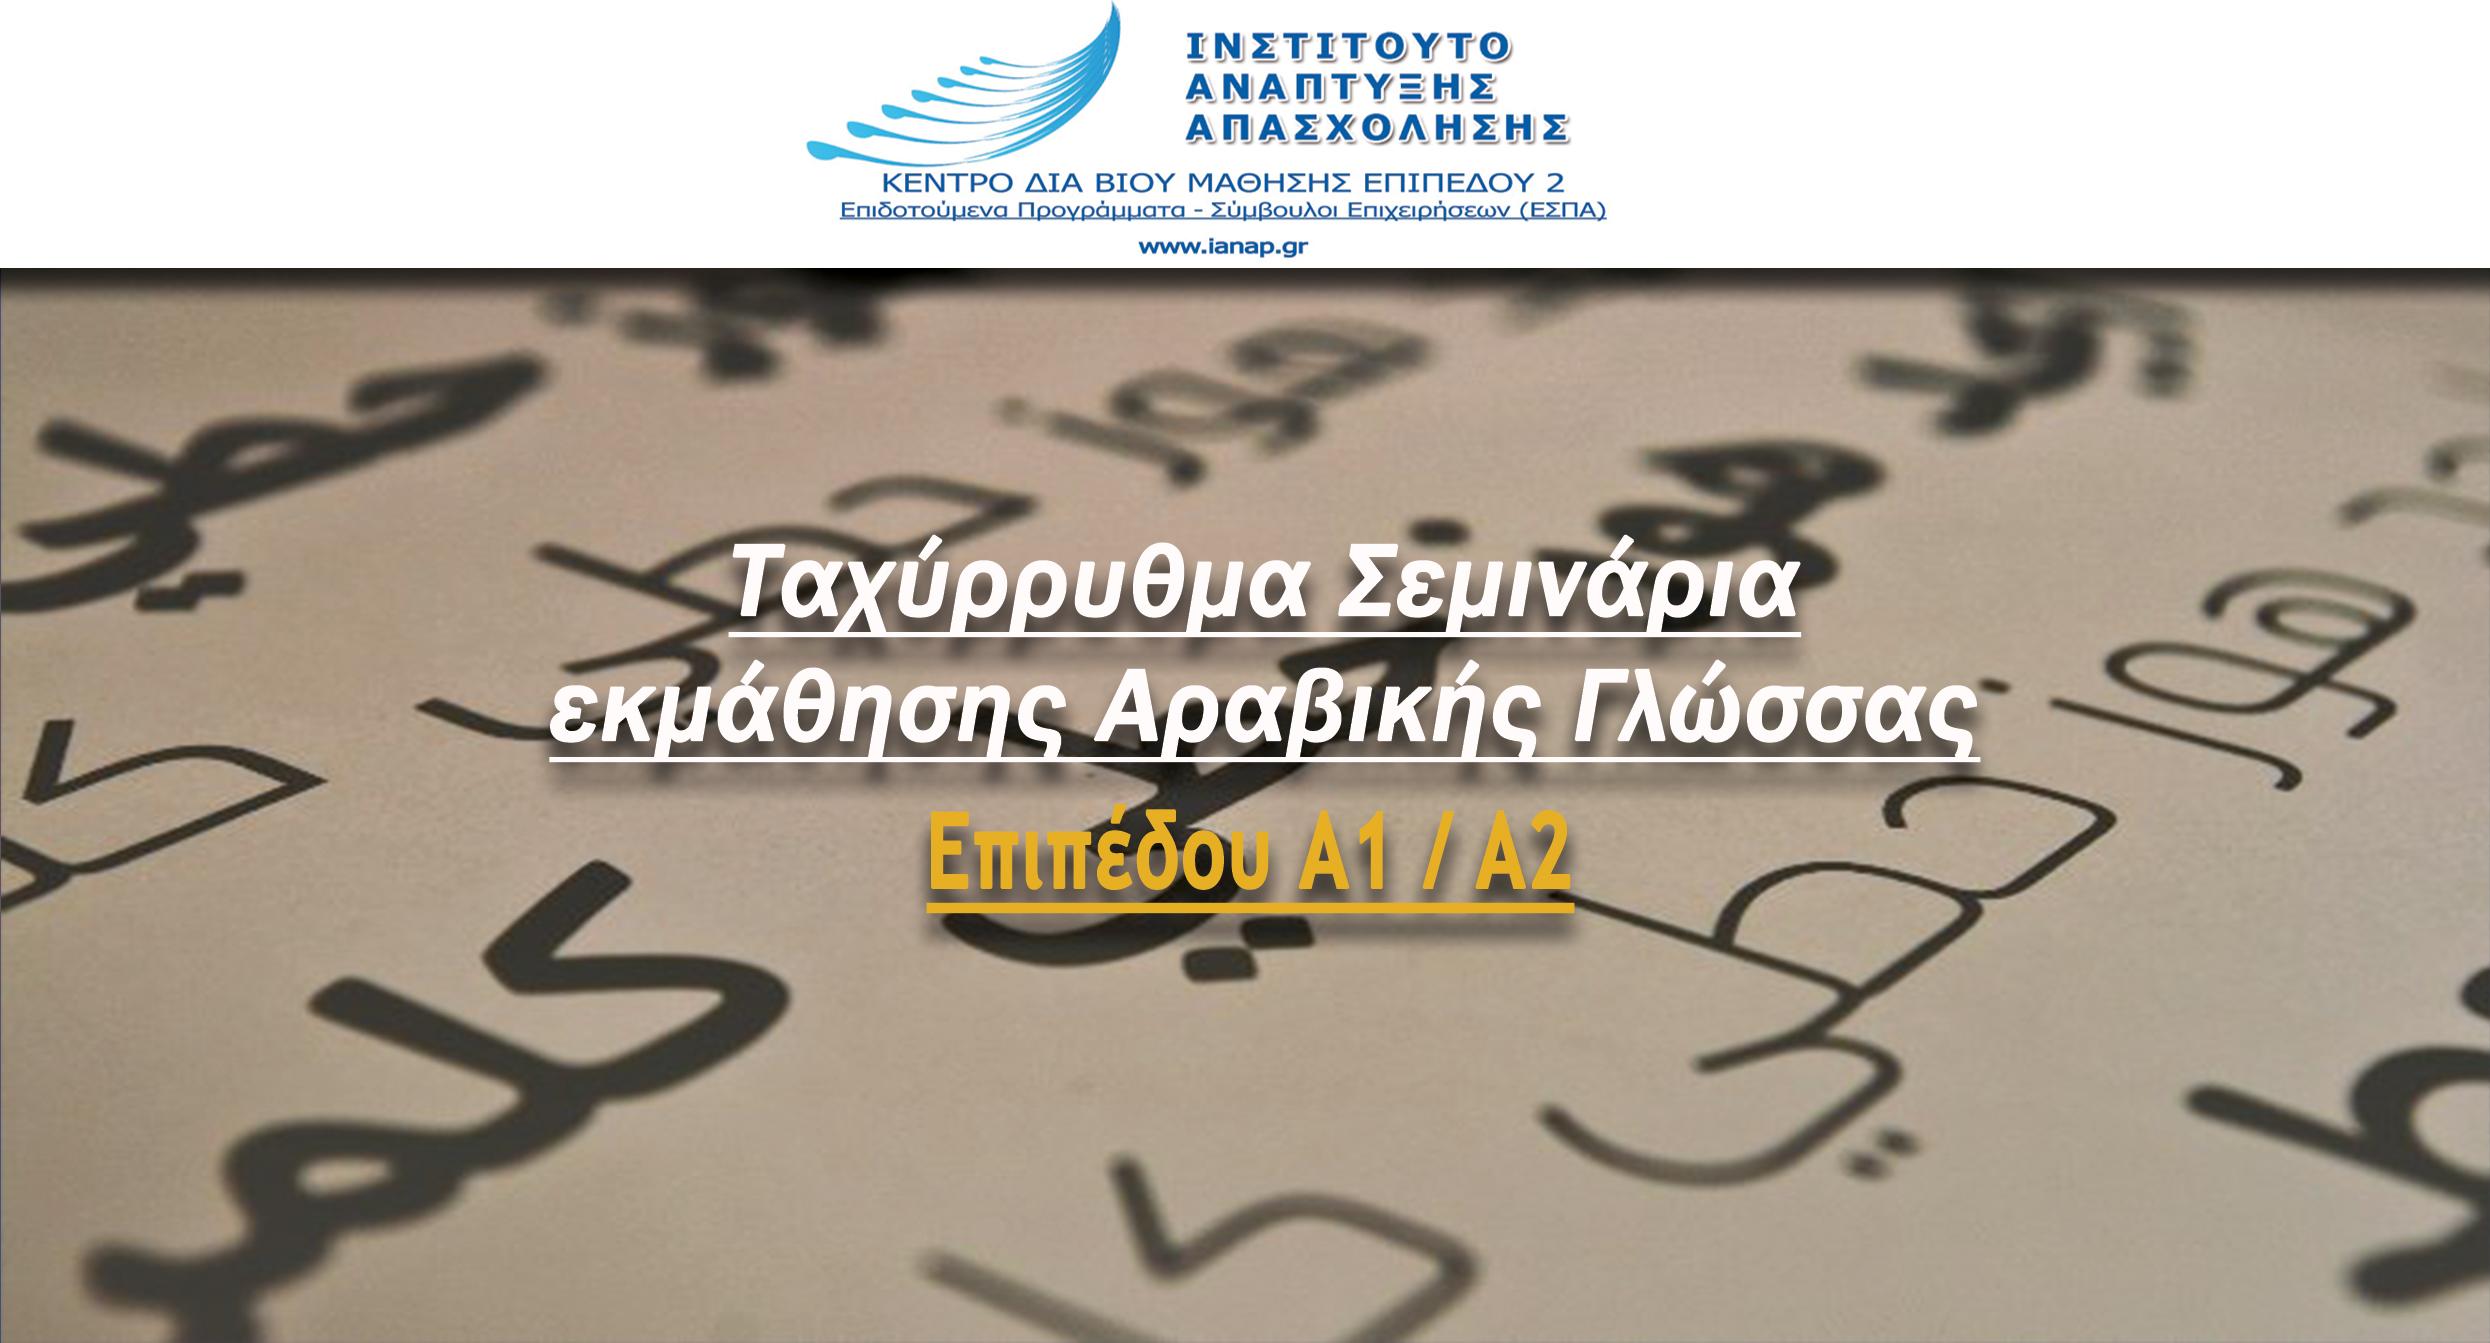 Ταχύρρυθμα σεμινάρια εκμάθησης Αραβικής γλώσσας